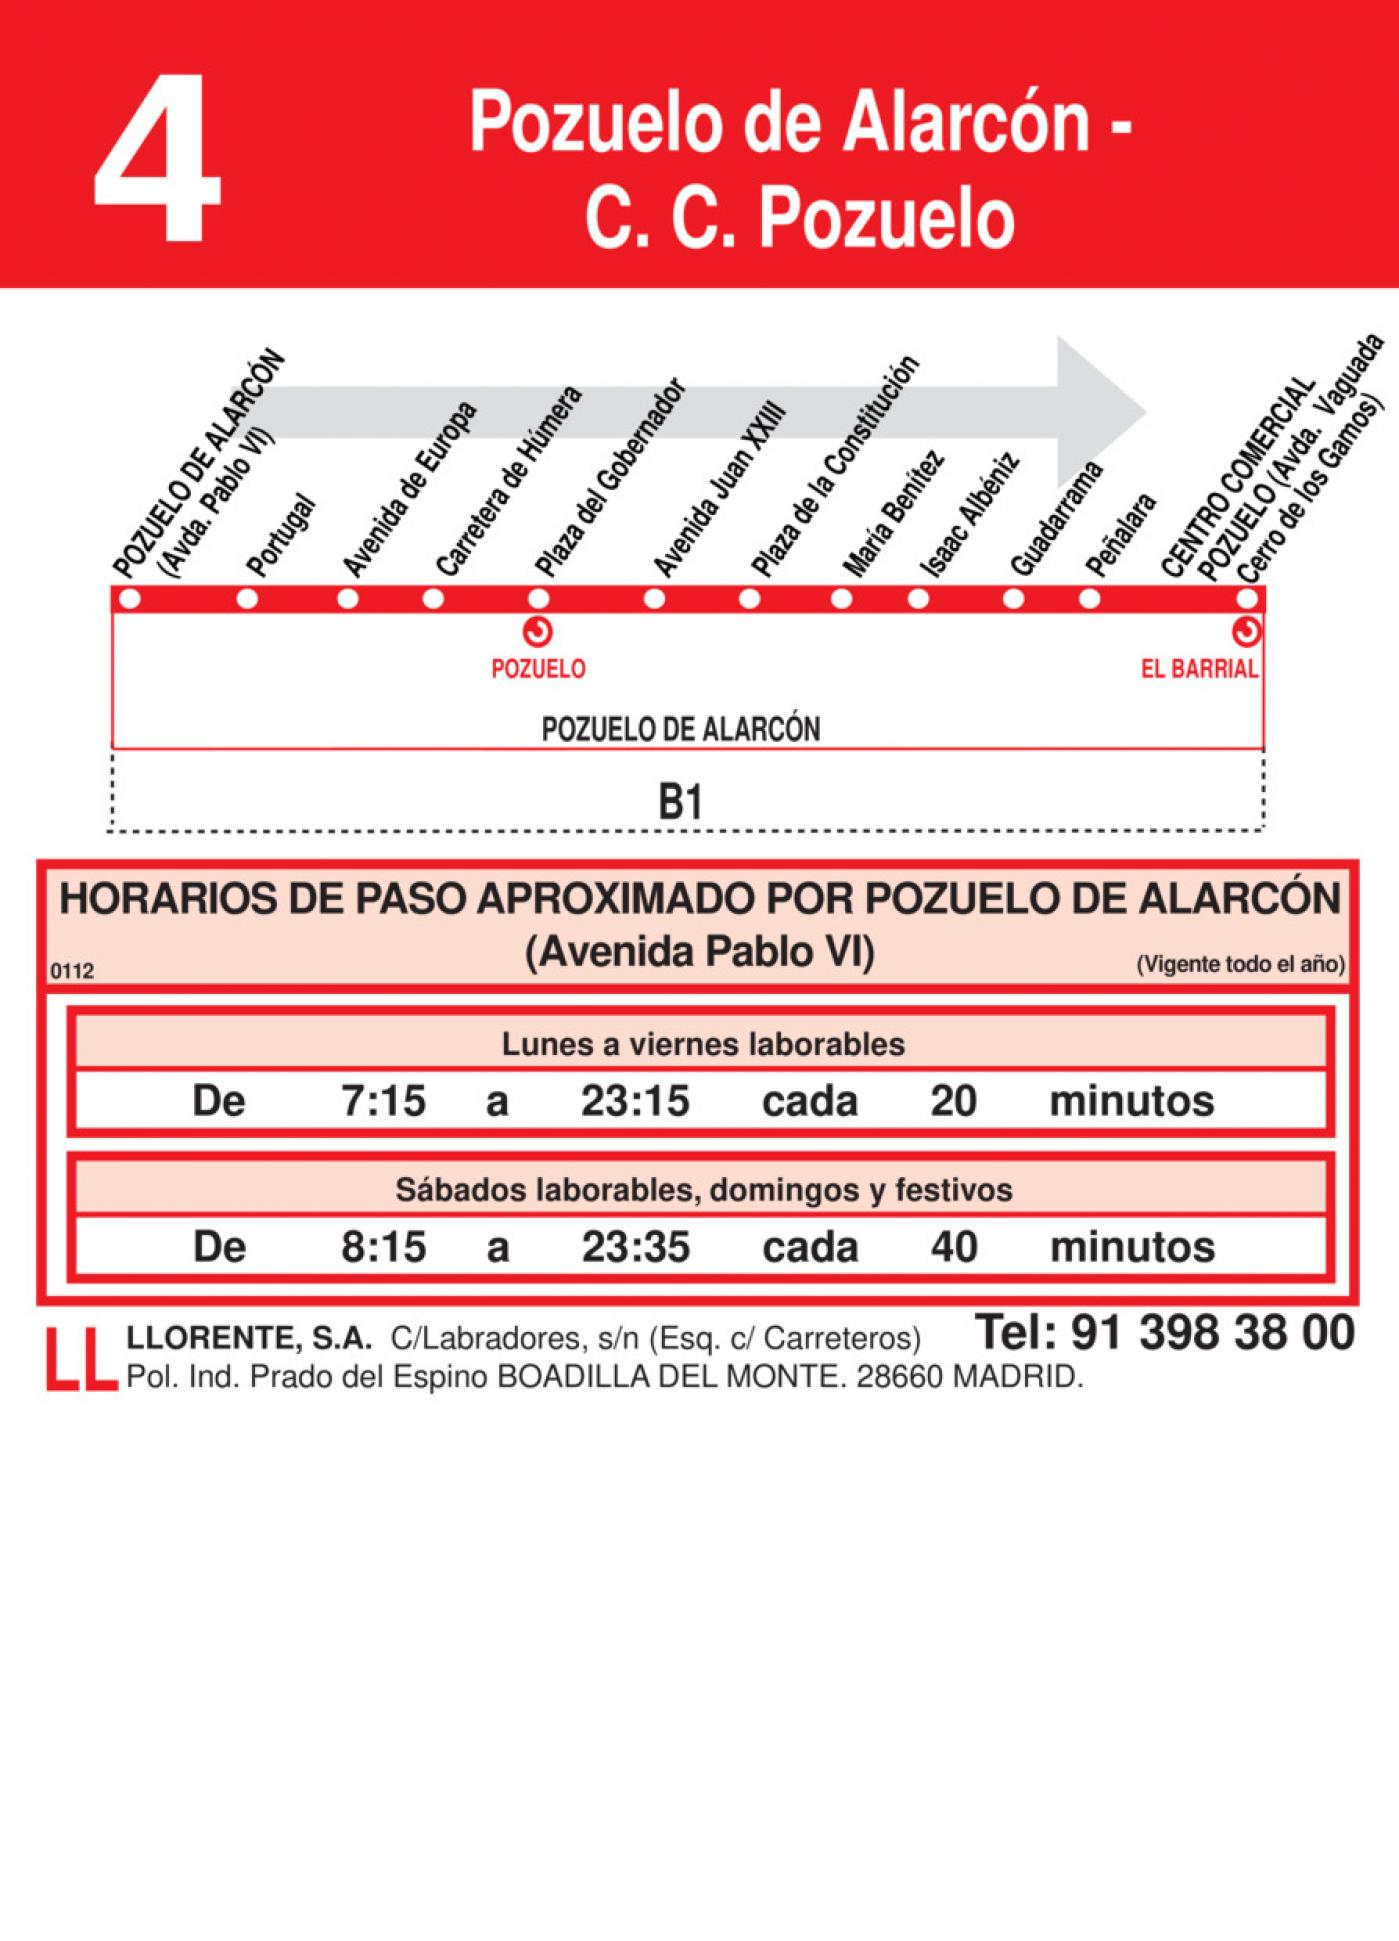 pozuelo de alarcn milfs dating site Lesbian dating in madrid soy dominicana media puertorriqueña españa,madrid,linea 3 hospital 12 de octubre pozuelo de alarcón.